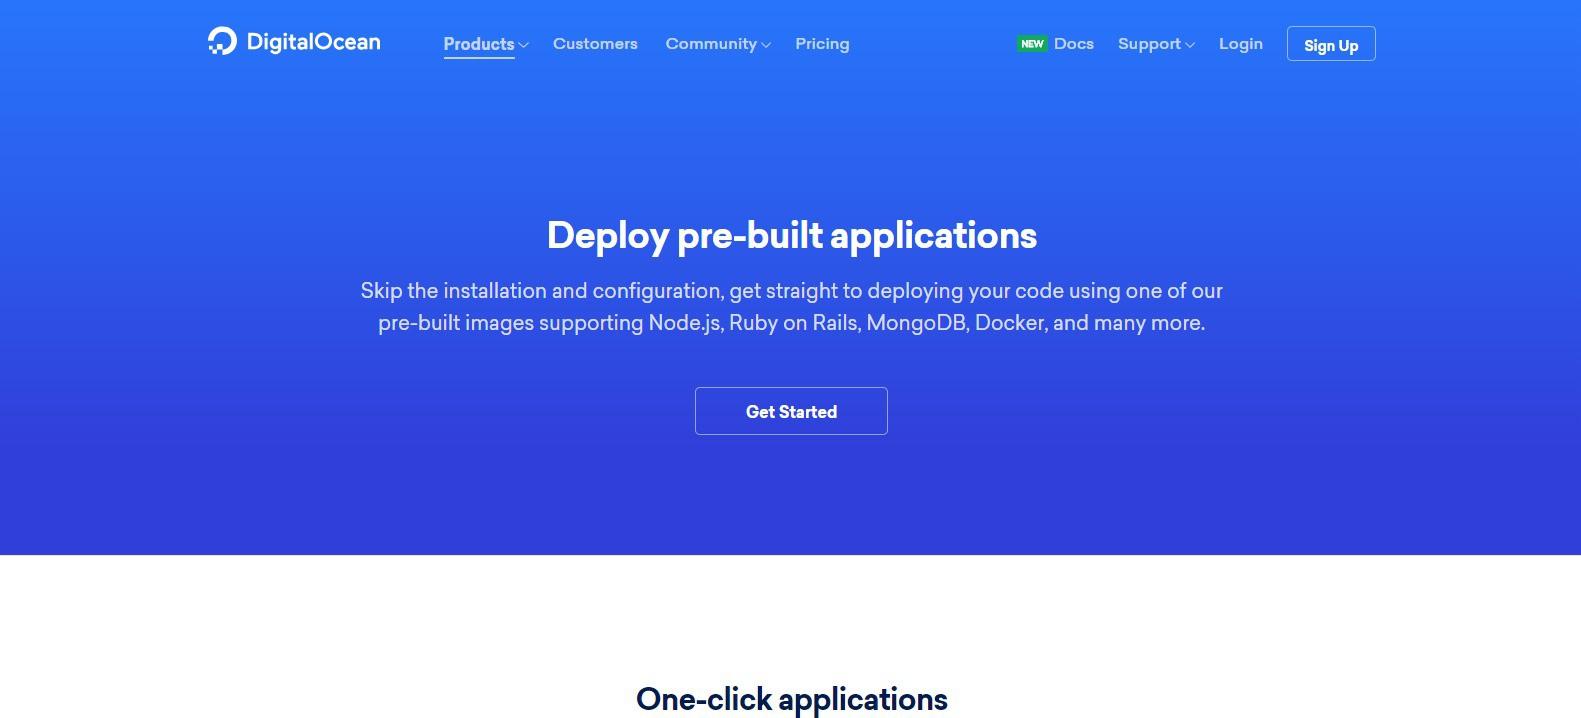 Tổng quan về BizFly Pre-built Applications là gì? - Ảnh 3.